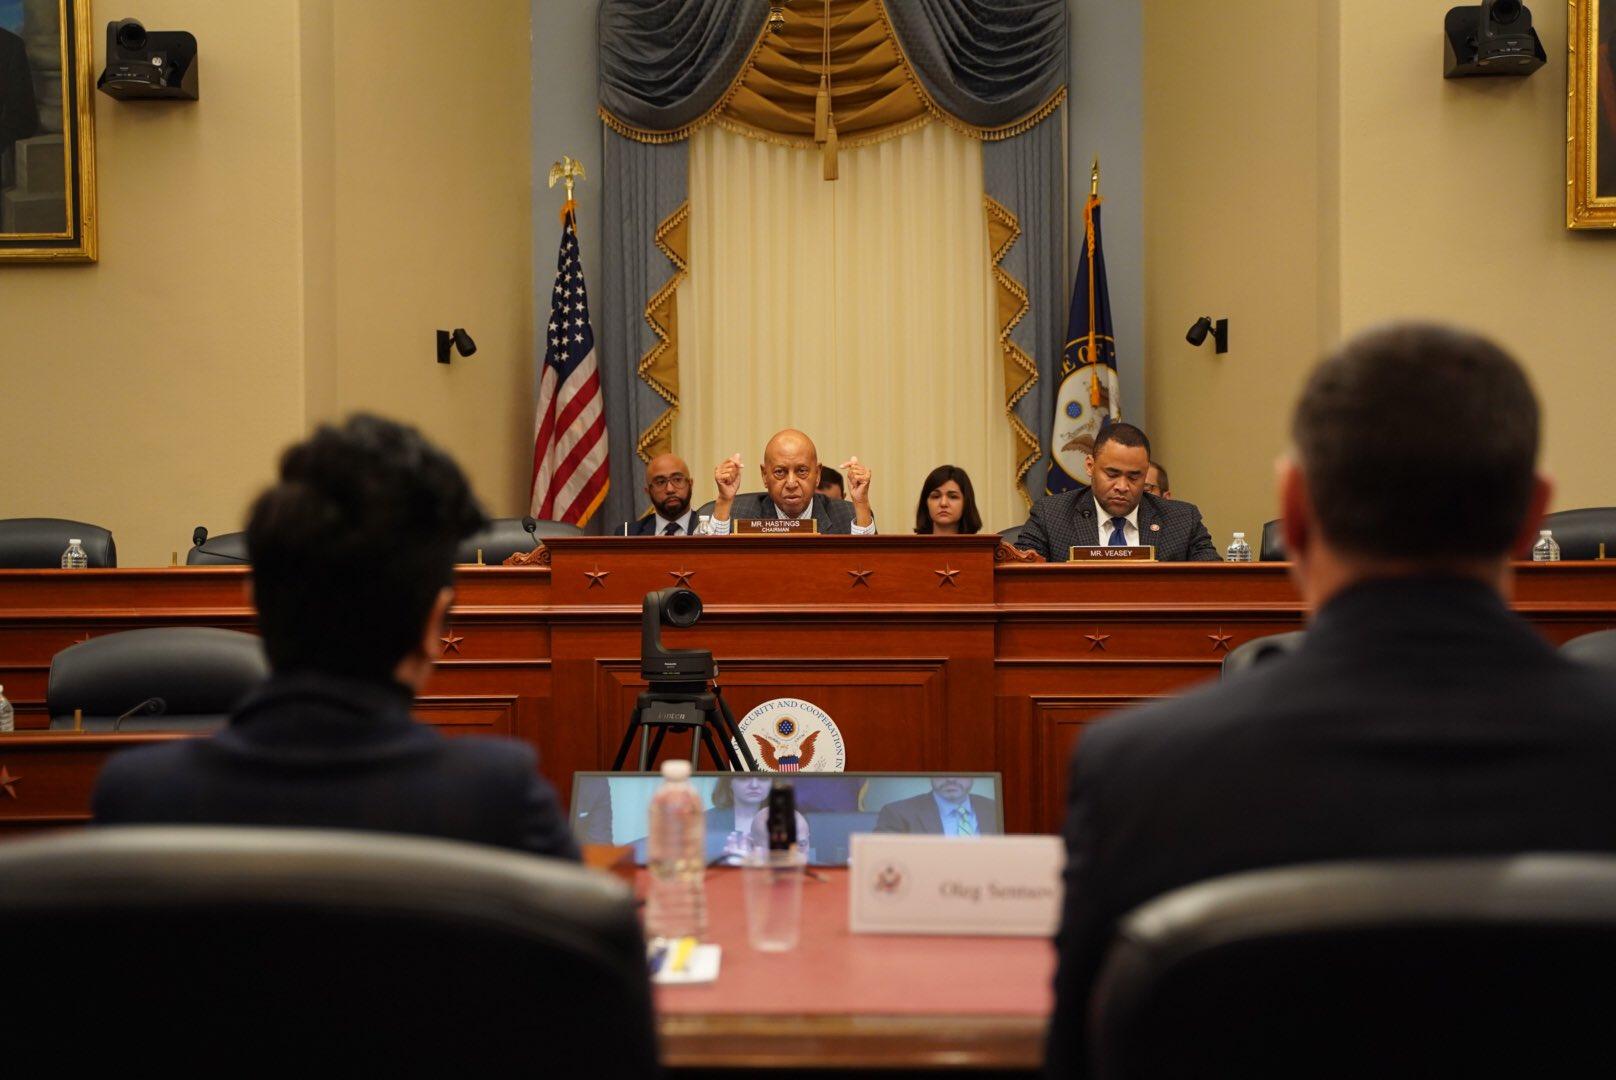 Сьогодні у Конгресі США проходить засідання Гельсінської комісії, на якій заслухали, зокрема, доповідь Олега Сенцова / twitter.com/chastime